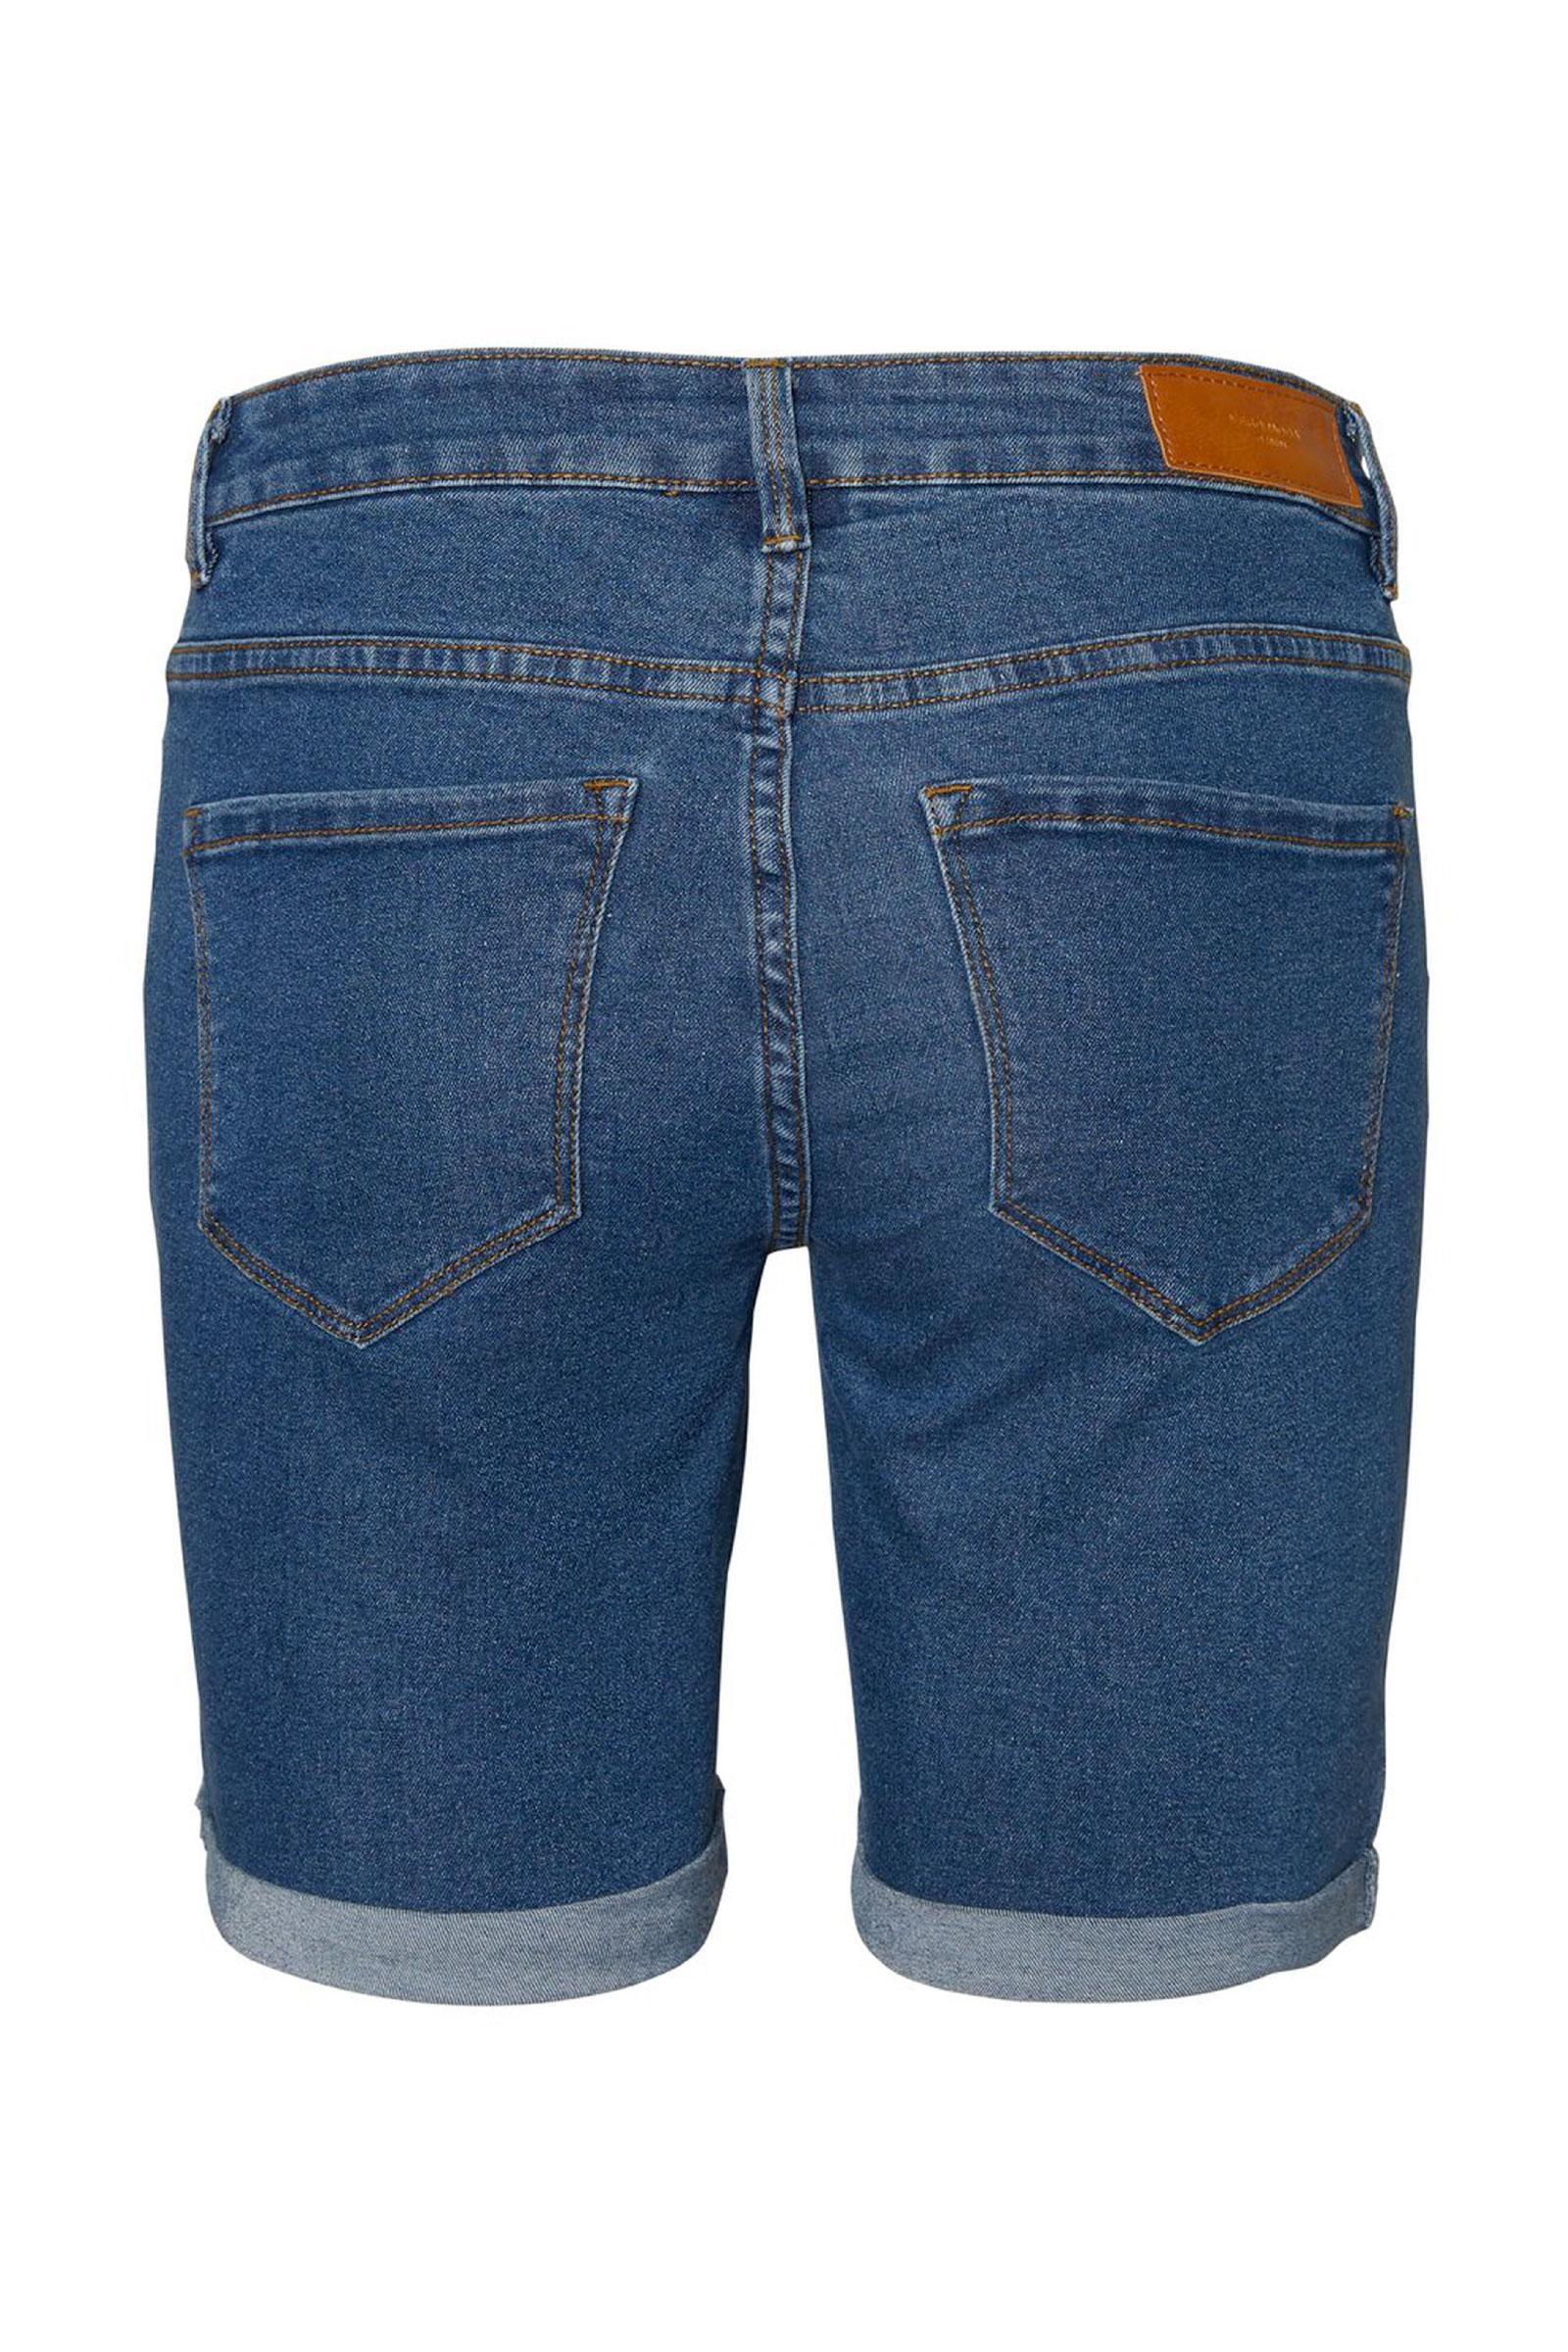 VERO MODA Shorts Donna Modello HOT SEVEN VERO MODA | Shorts | 10225854Medium Blue Denim